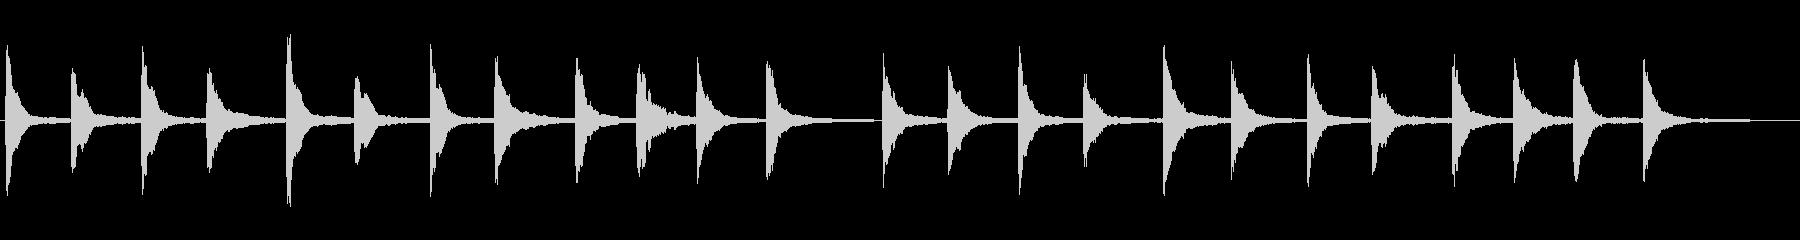 映像に効果的なピアノ+シンセ(シンプル)の未再生の波形